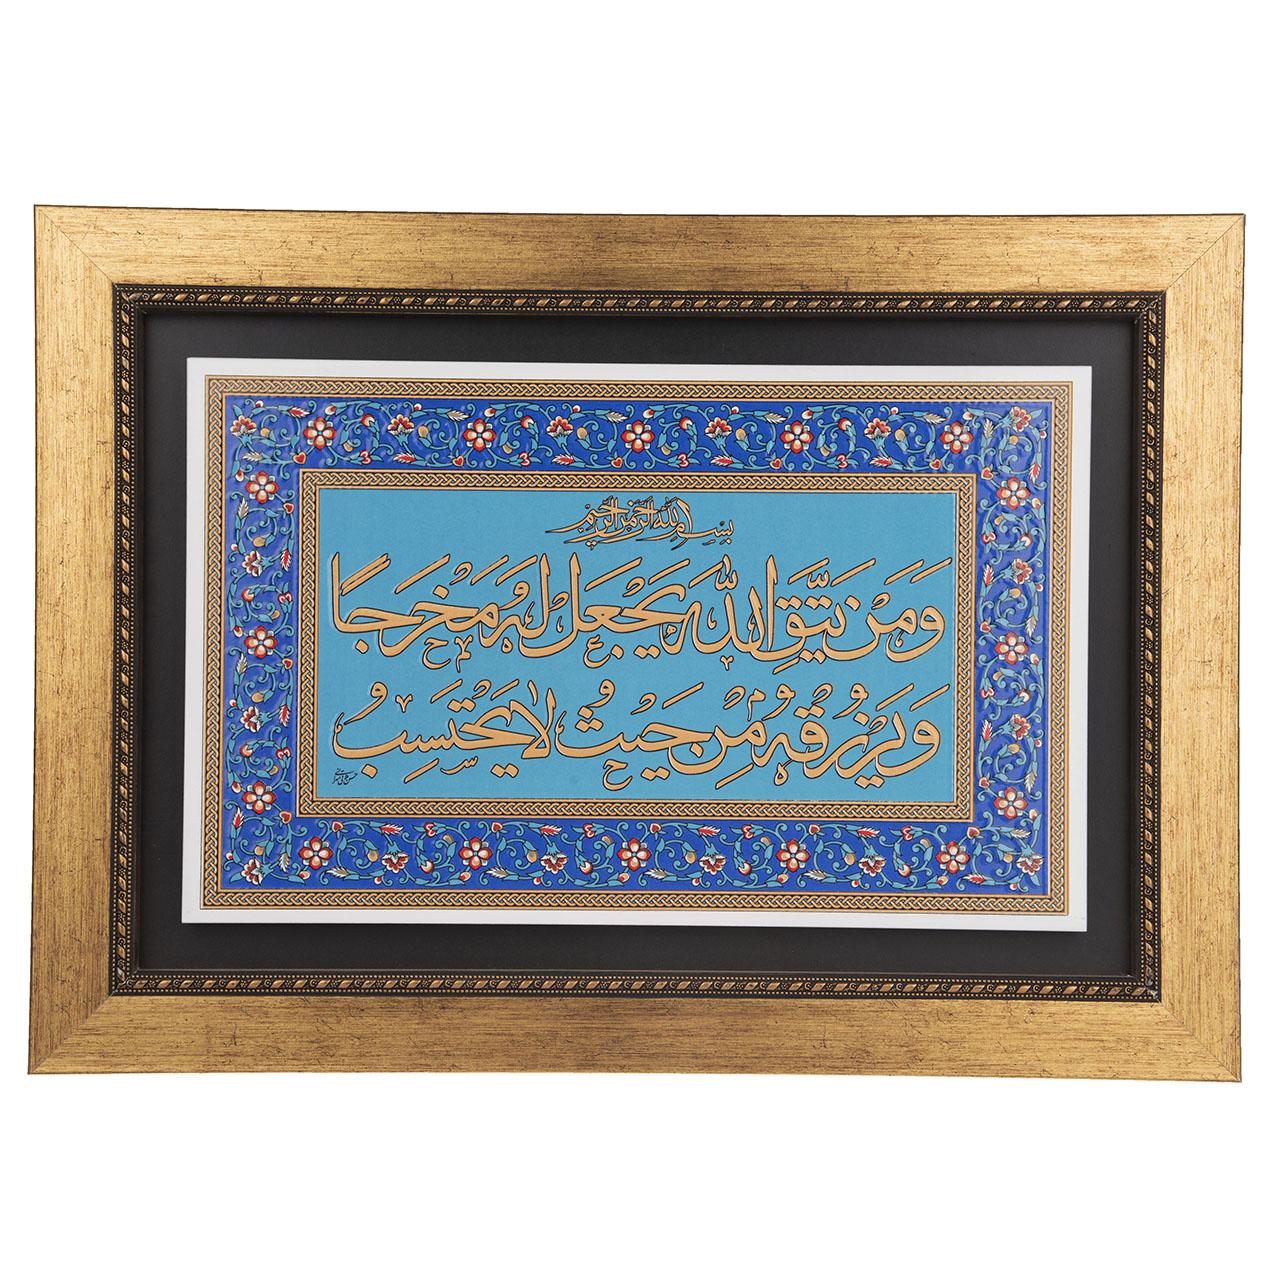 تابلو کاشی طرح من یتق الله نقش برجسته